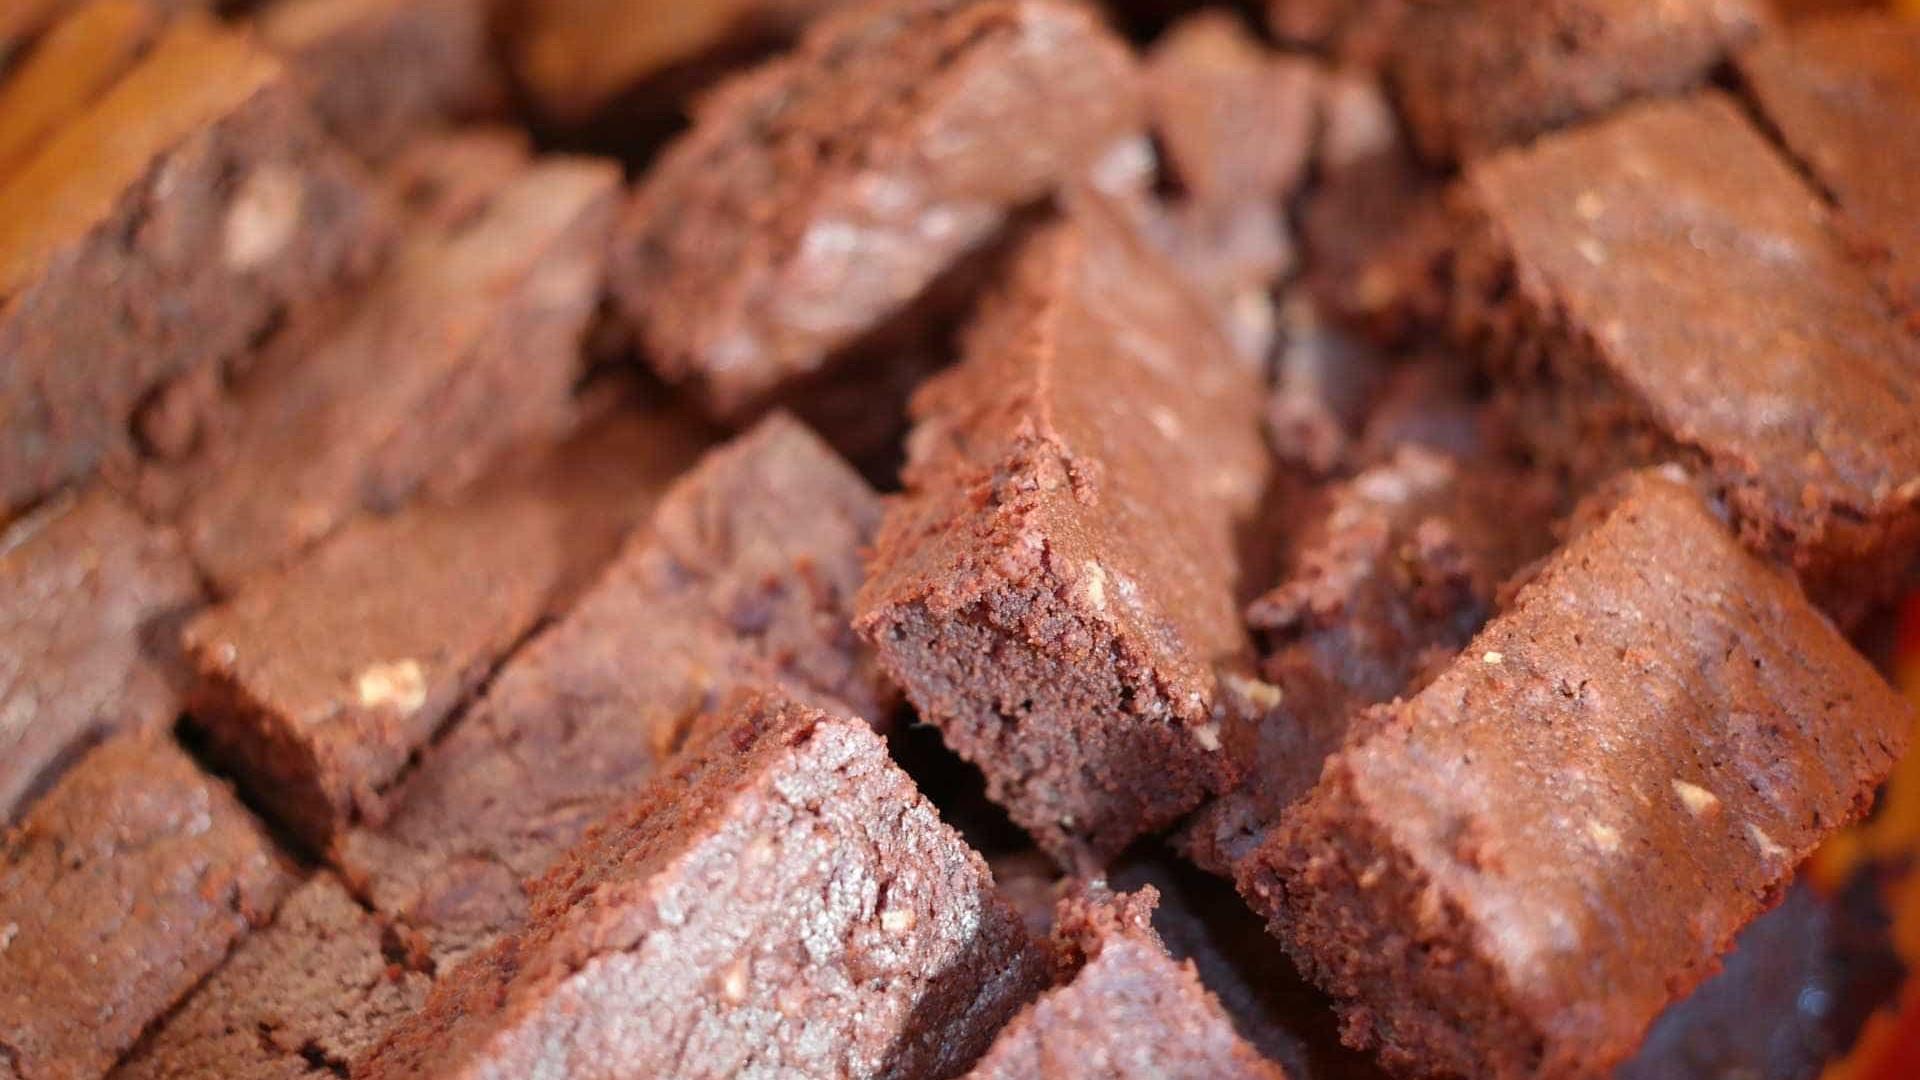 Pai de 53 anos come brownies com cannabis deixados pelos filhos